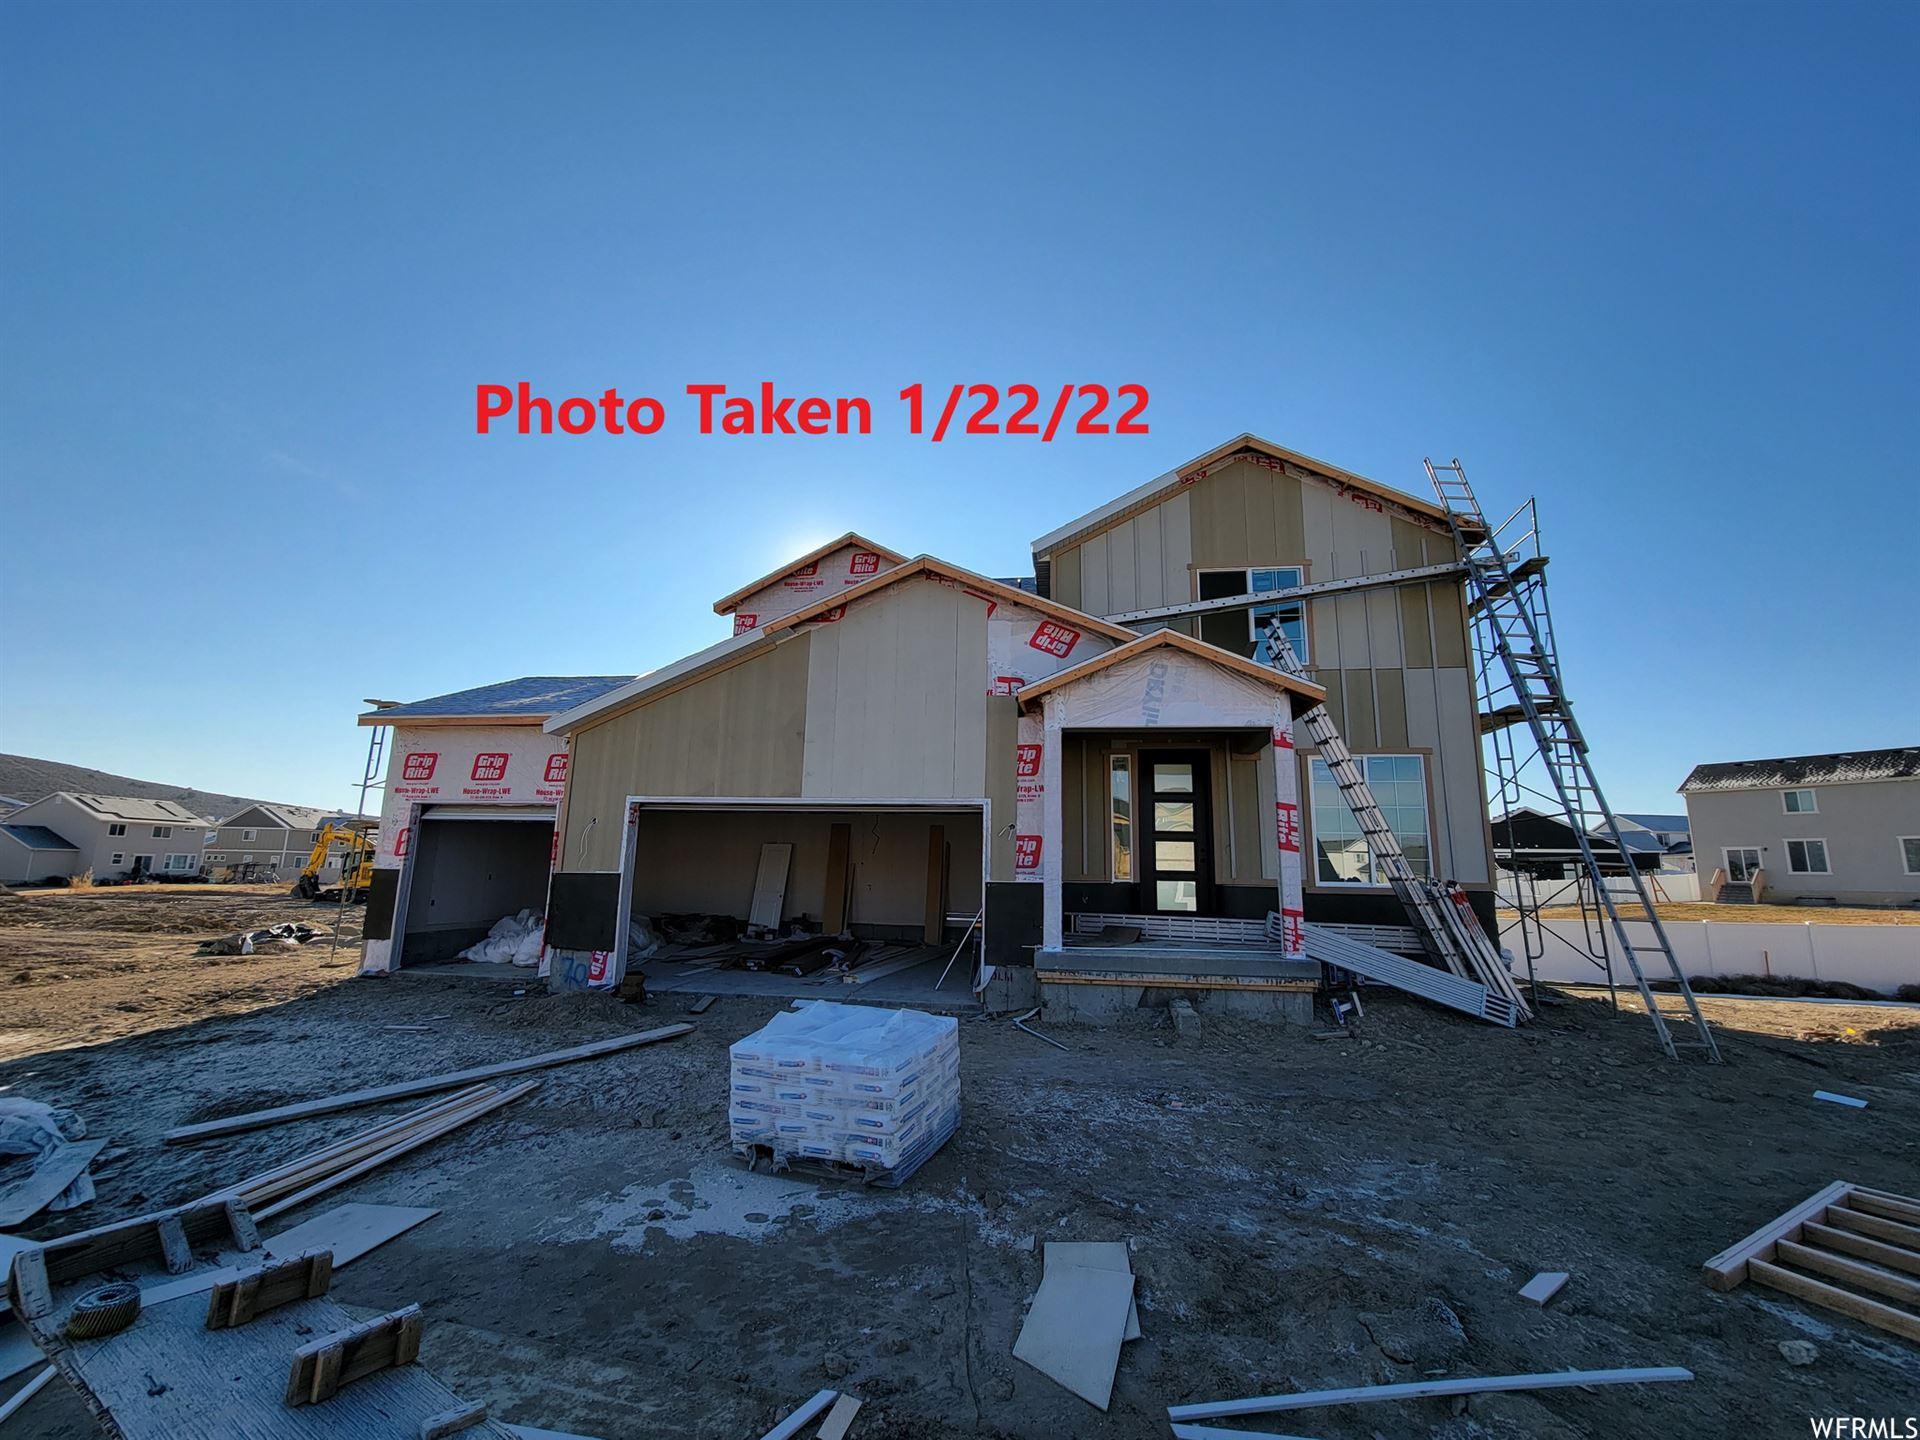 Photo of 1794 E JOHNSTOWN N RD #708, Eagle Mountain, UT 84005 (MLS # 1770503)